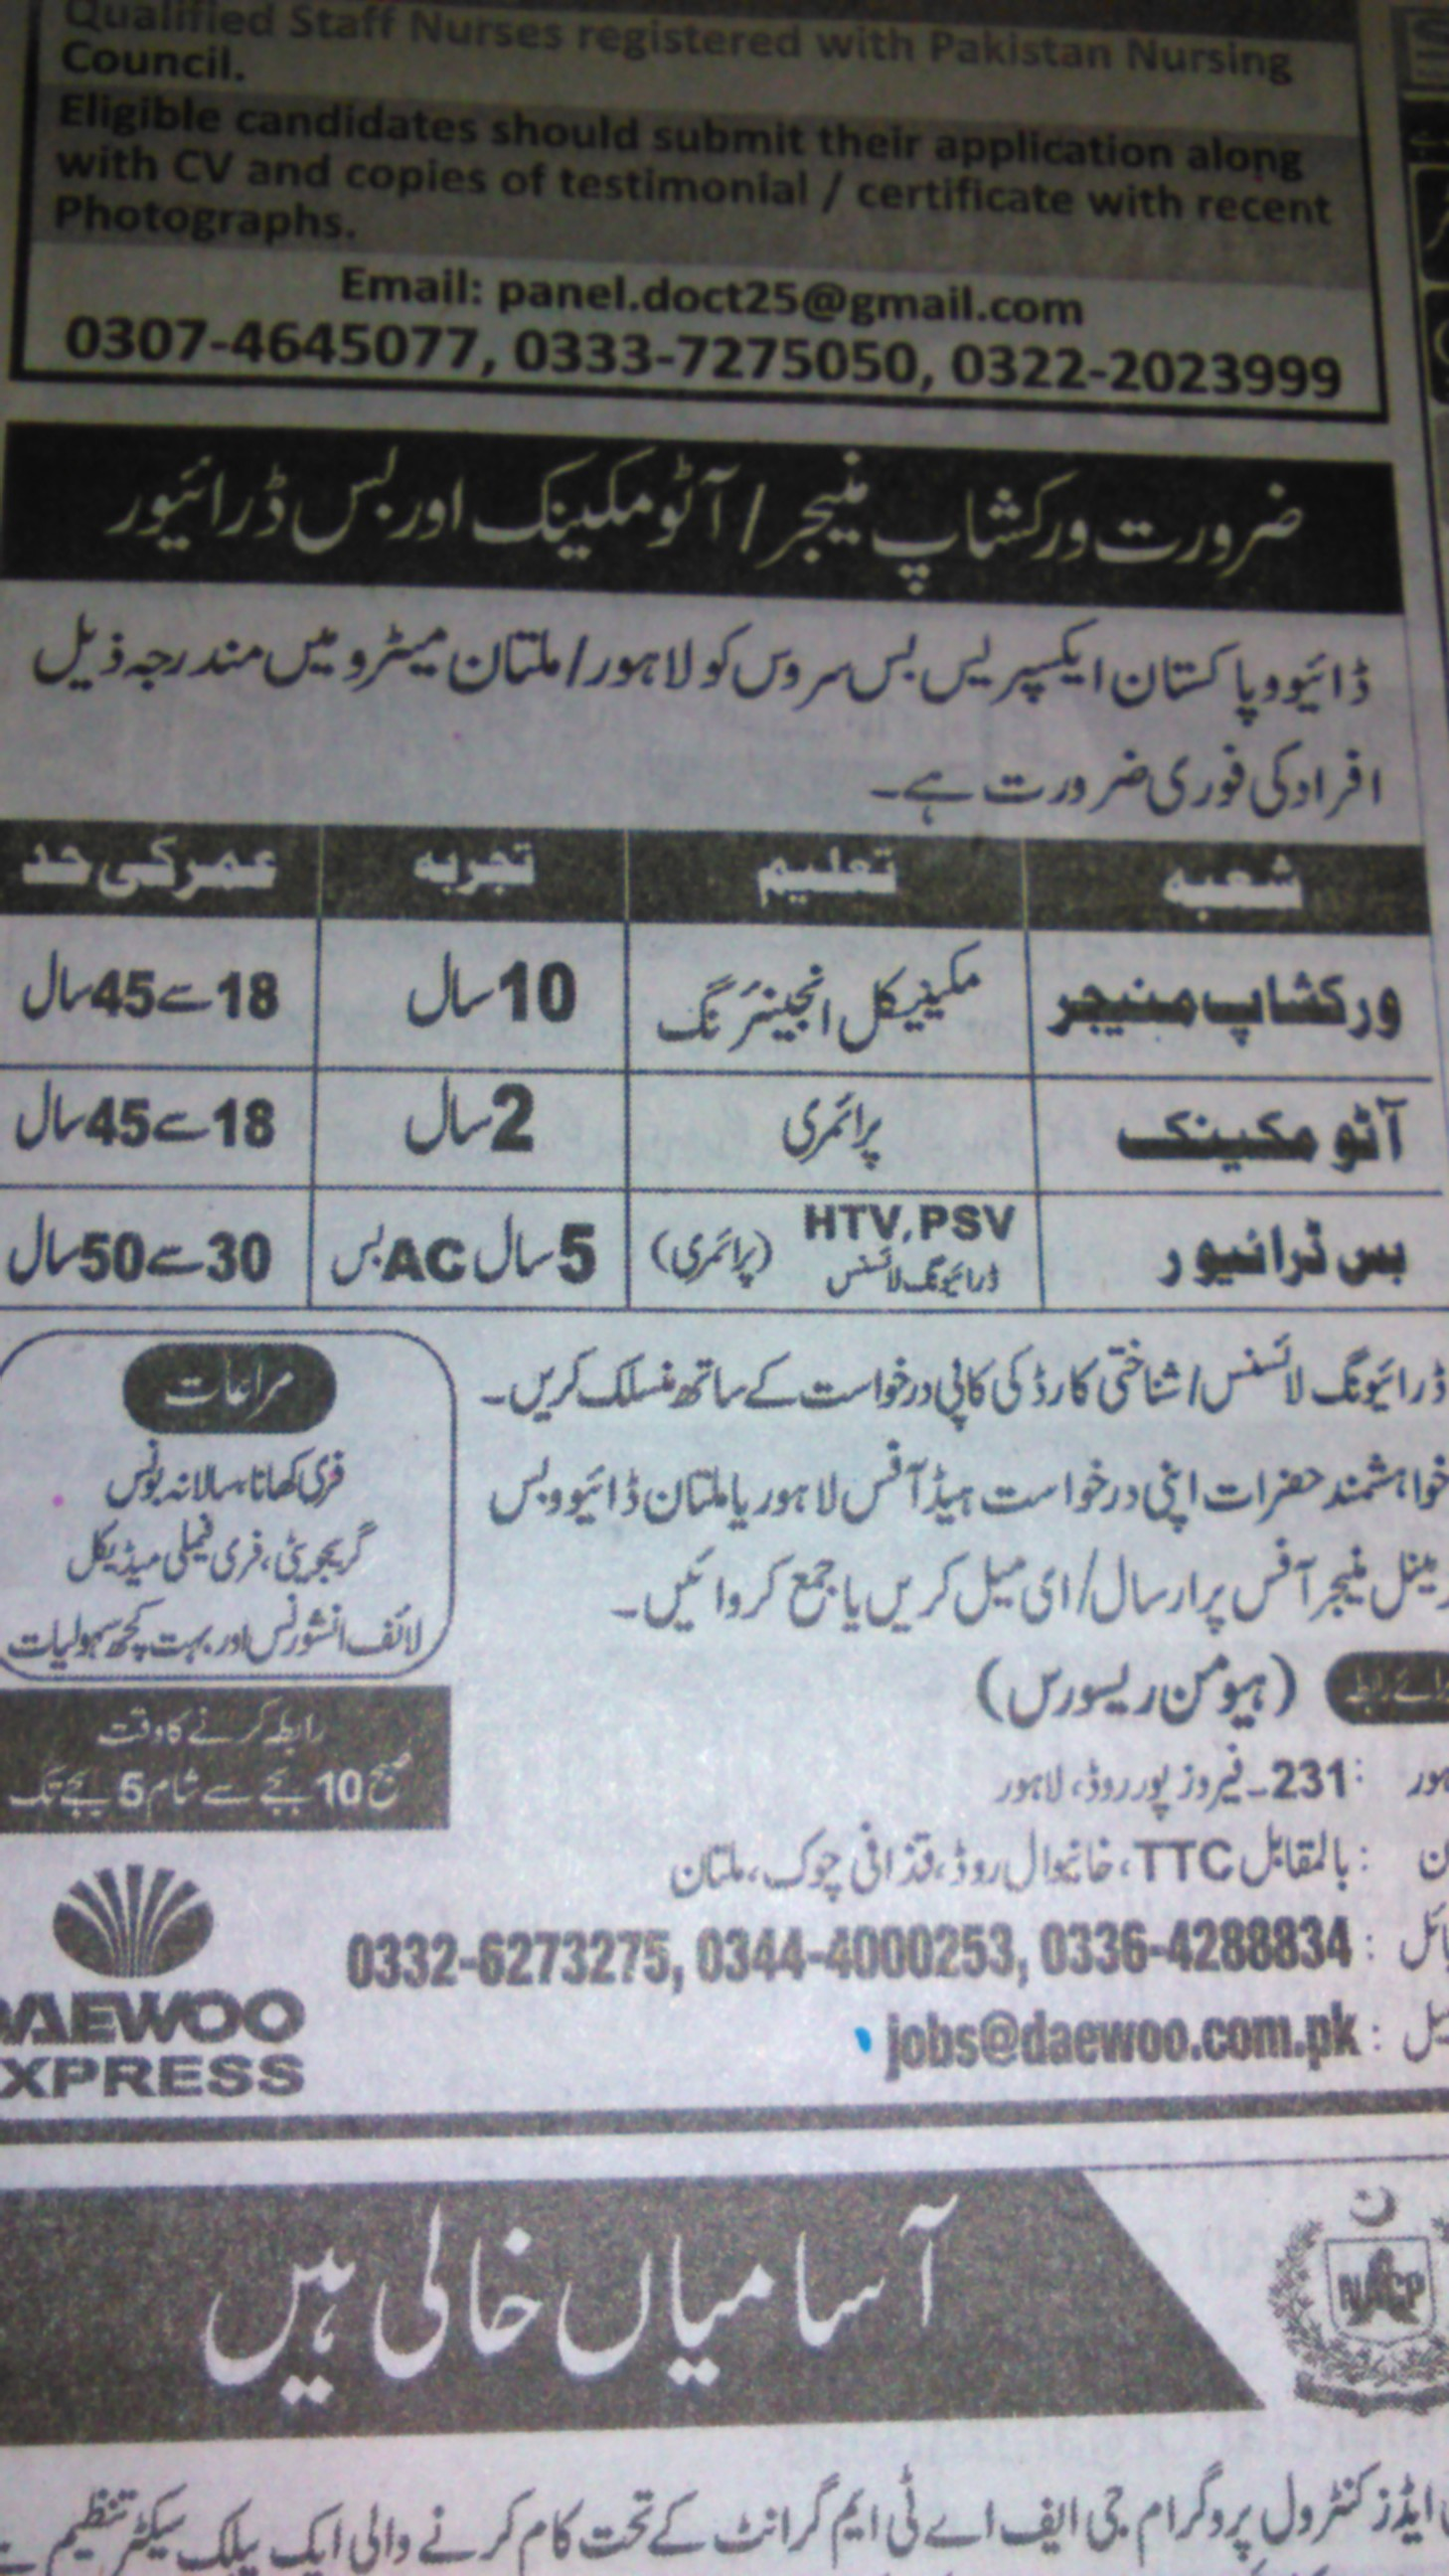 DAEWOO Express Career Opportunities